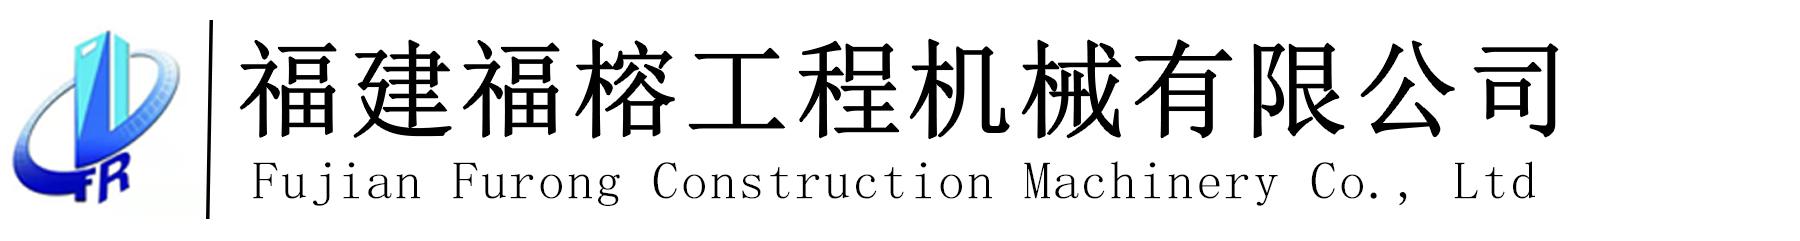 漳州市福榕工程机械租赁服务有限公司